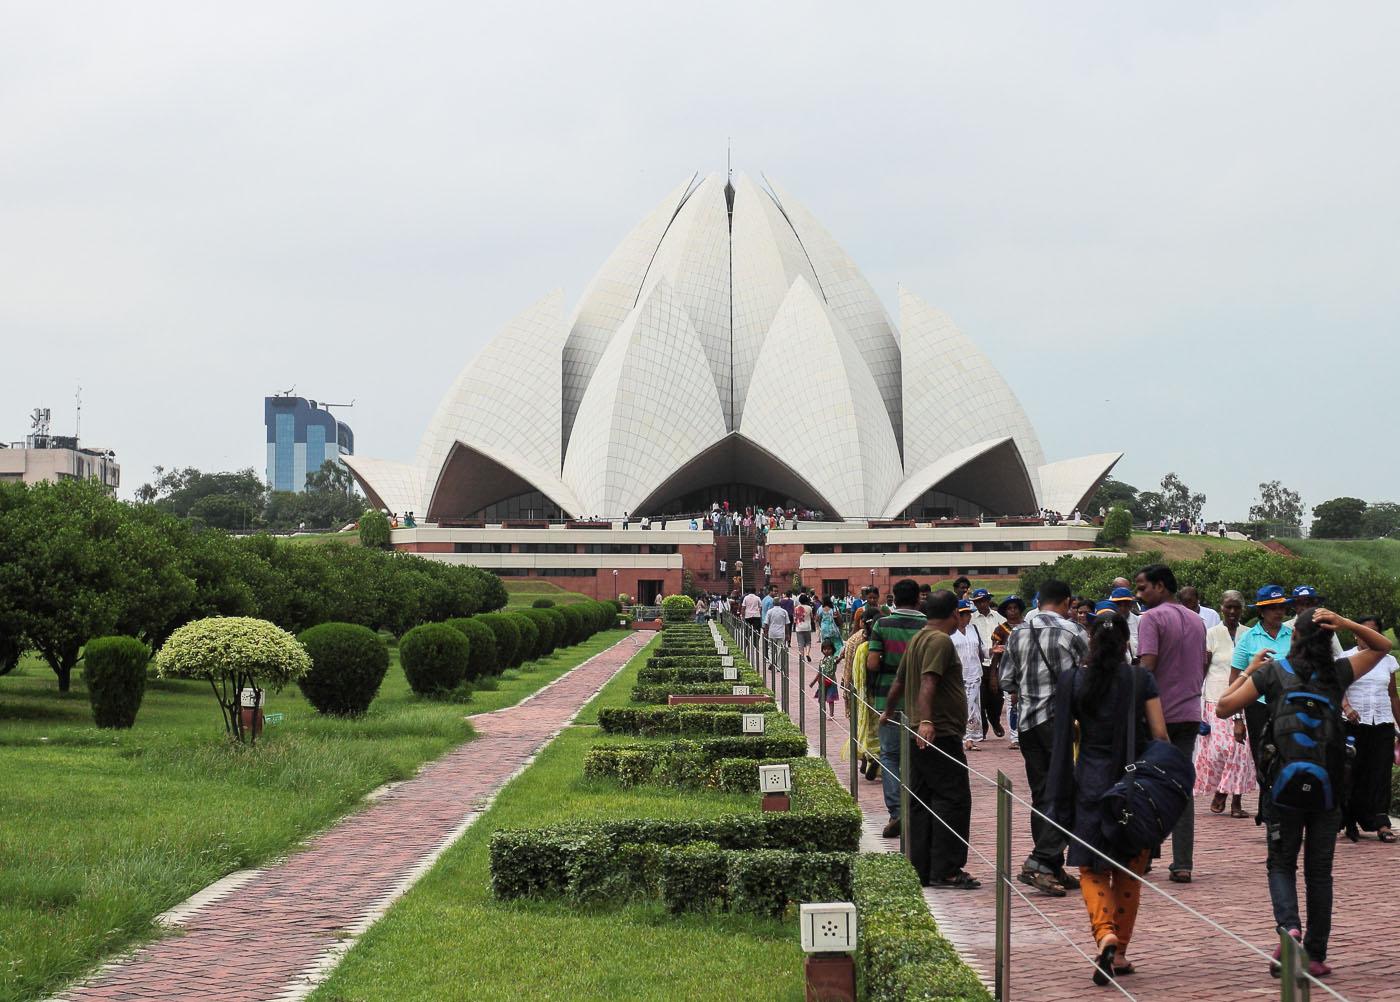 Фото 21. Храм Лотоса (The Lotus Temple) в Нью-Дели. Поездка в Индию